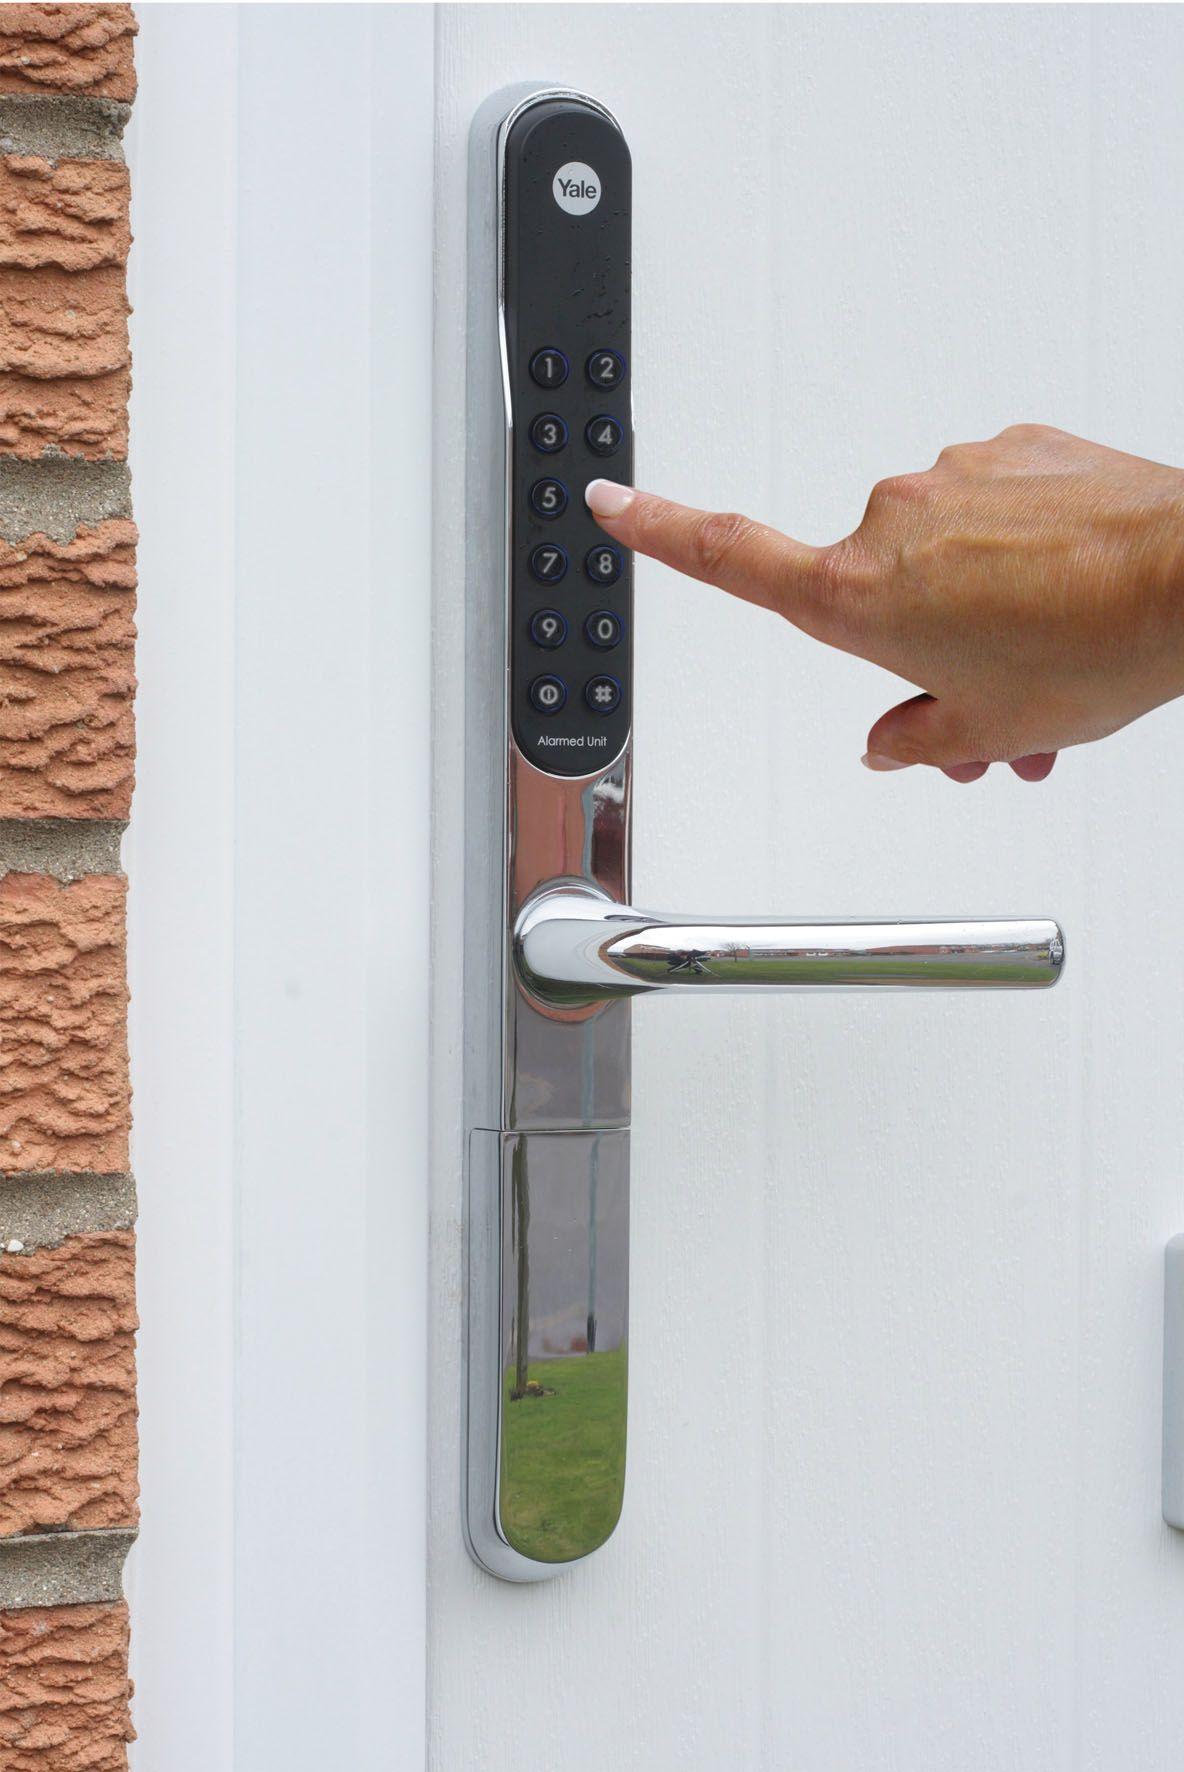 Yale S Range Of Digital Security Products Includes The Keyfree And Keyless Digital Door Locks As Well As Digital Door Lock Smart Door Locks Keyless Door Lock